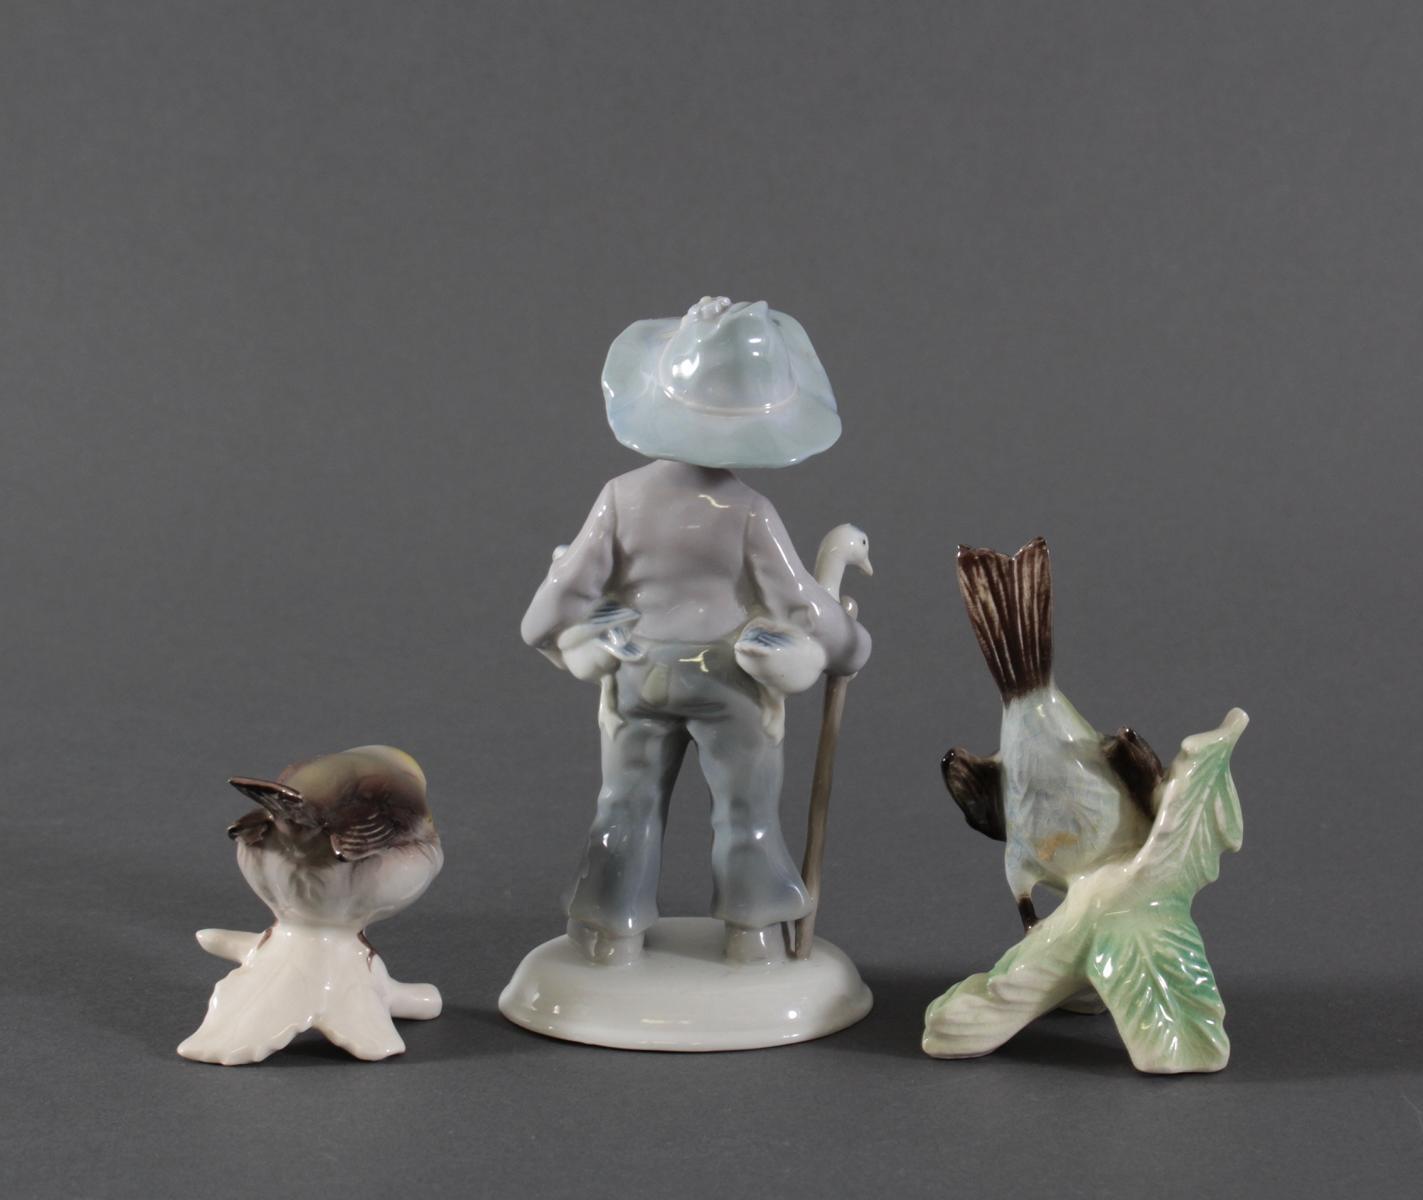 3 Porzelanfiguren, Goebel und Ilmenau, Weißporzellan mit polychromer Bemalung-2